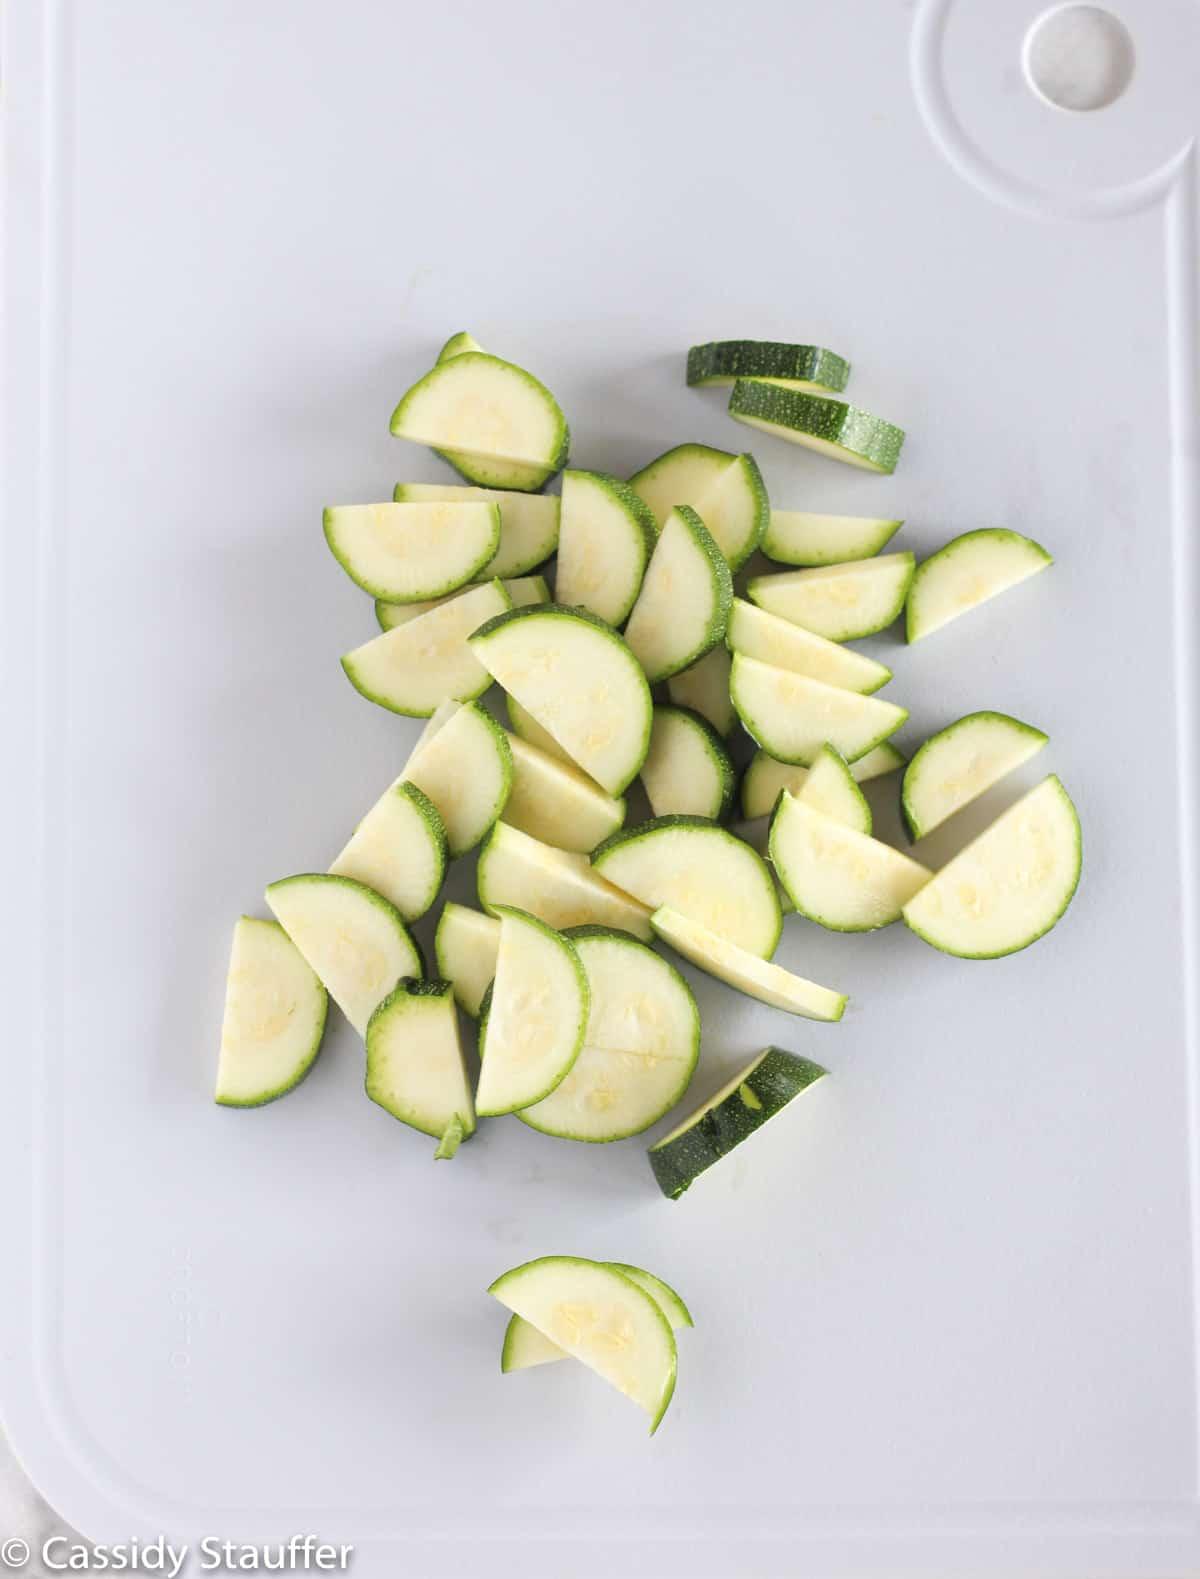 Sliced Zucchini Cut In Half